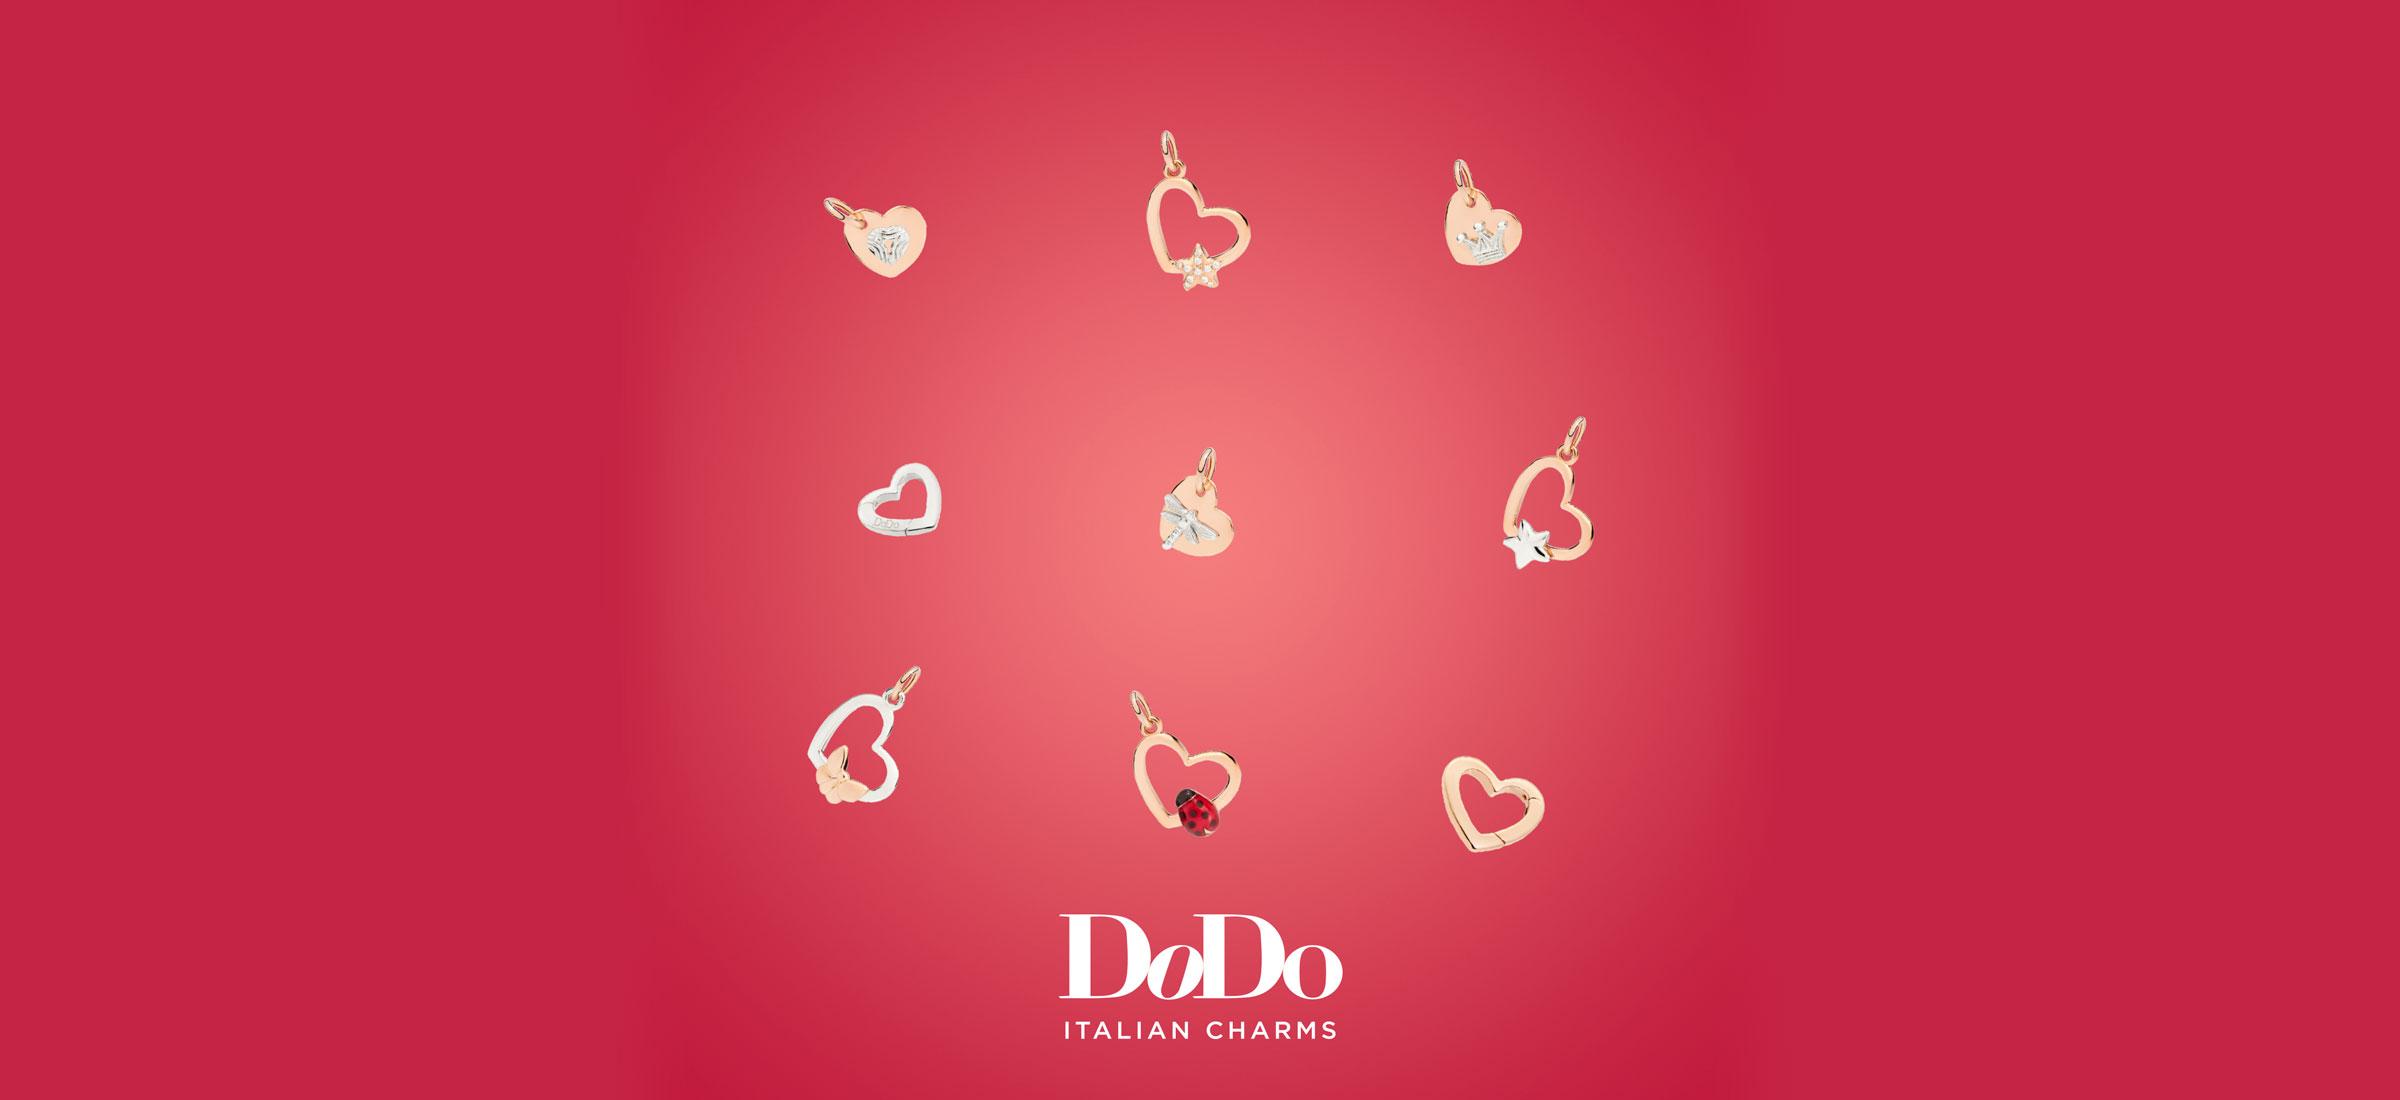 dodo, banner, mode, juwelen, jewels, ring, fashion, jewelry, juwelen, franssen, franssen juwelen, franssen hasselt, get the look, valentine, valentijn, valentijnsdag, valentine's day